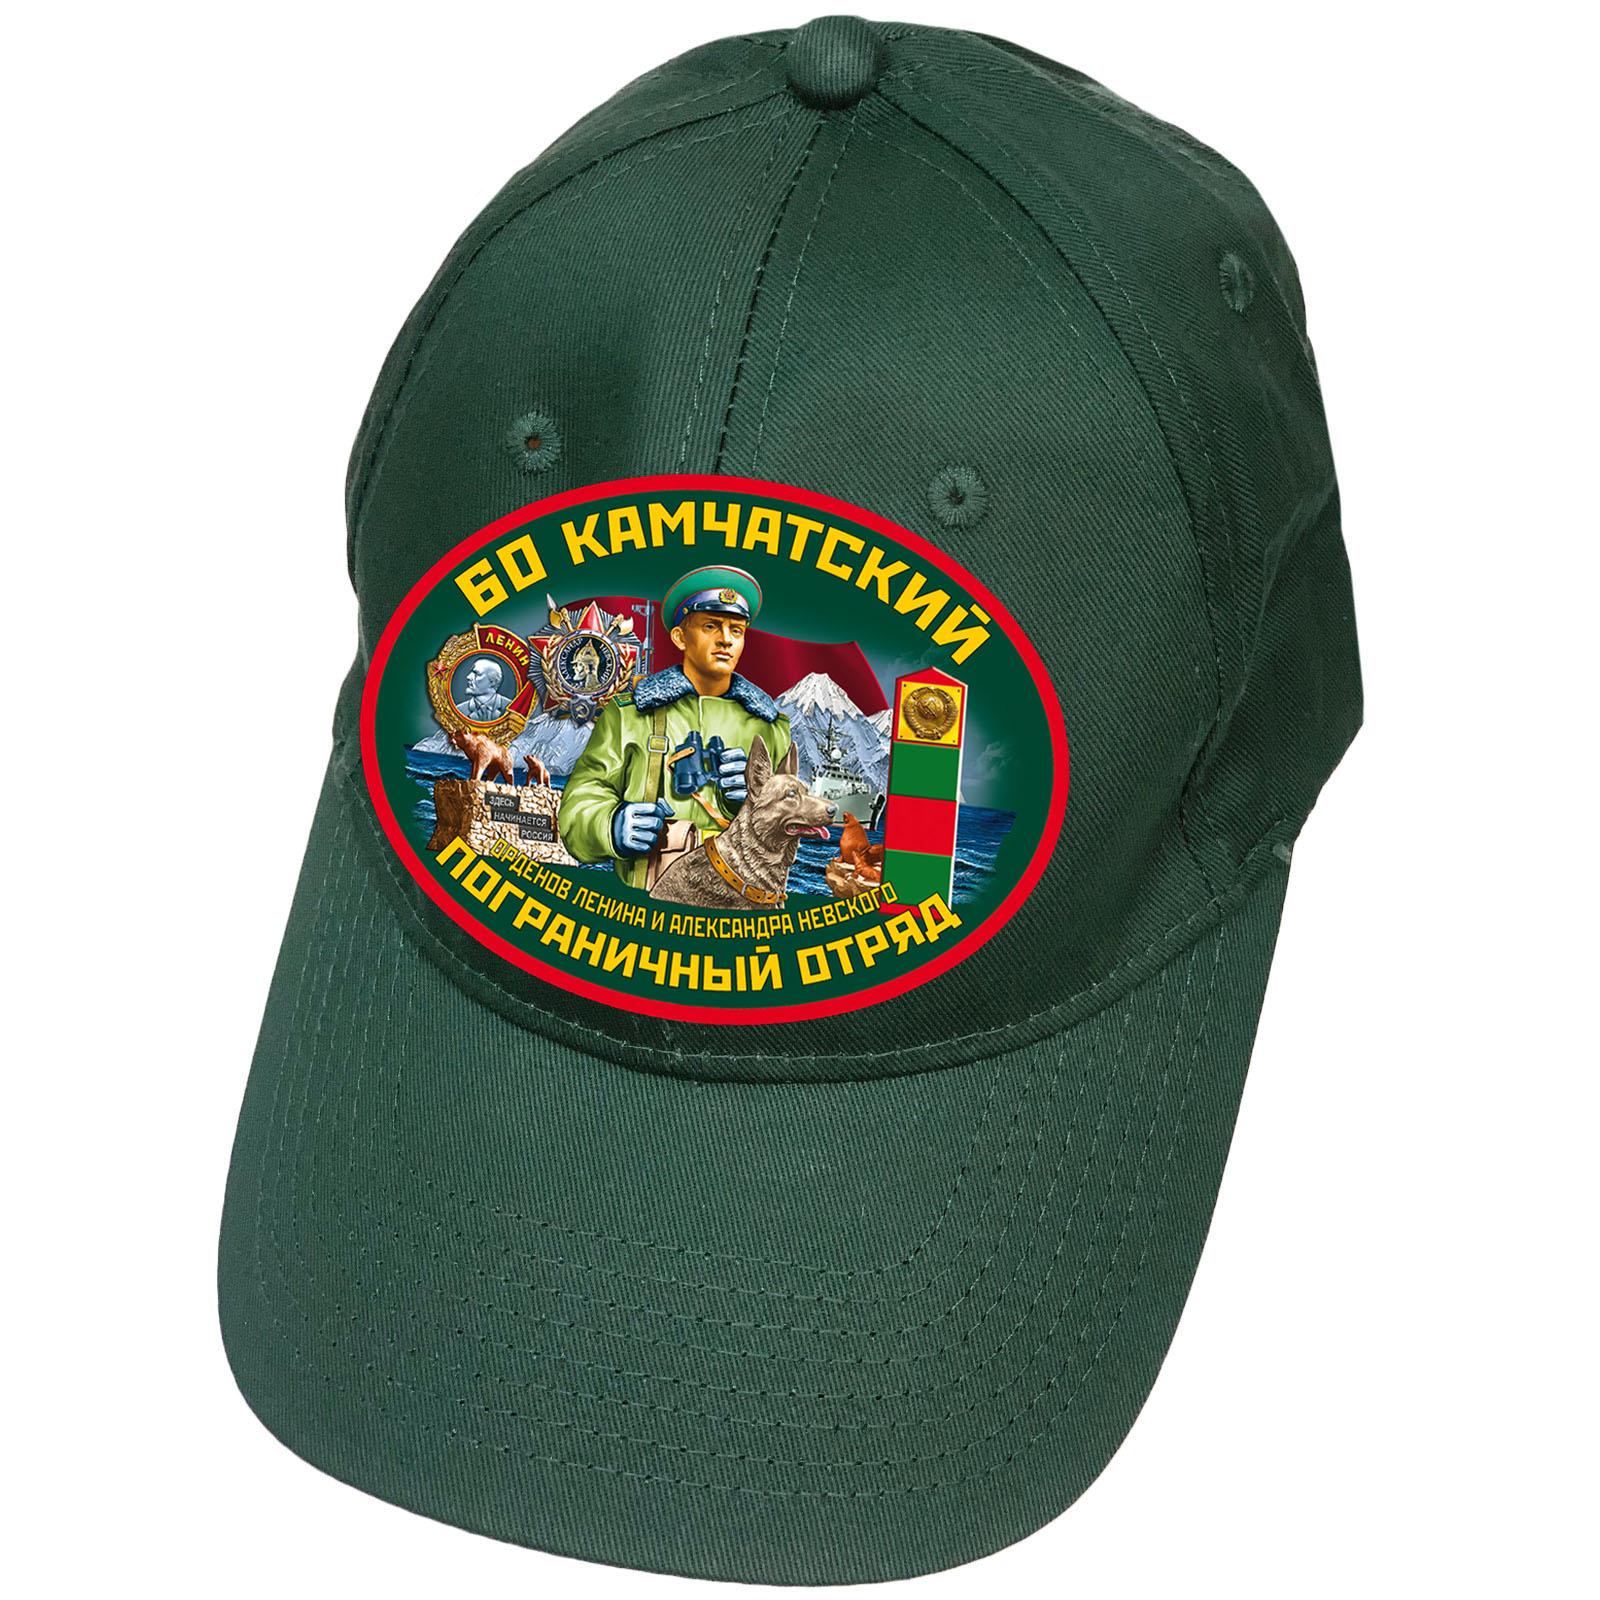 Тёмно-зелёная бейсболка 60 Камчатского пограничного отряда